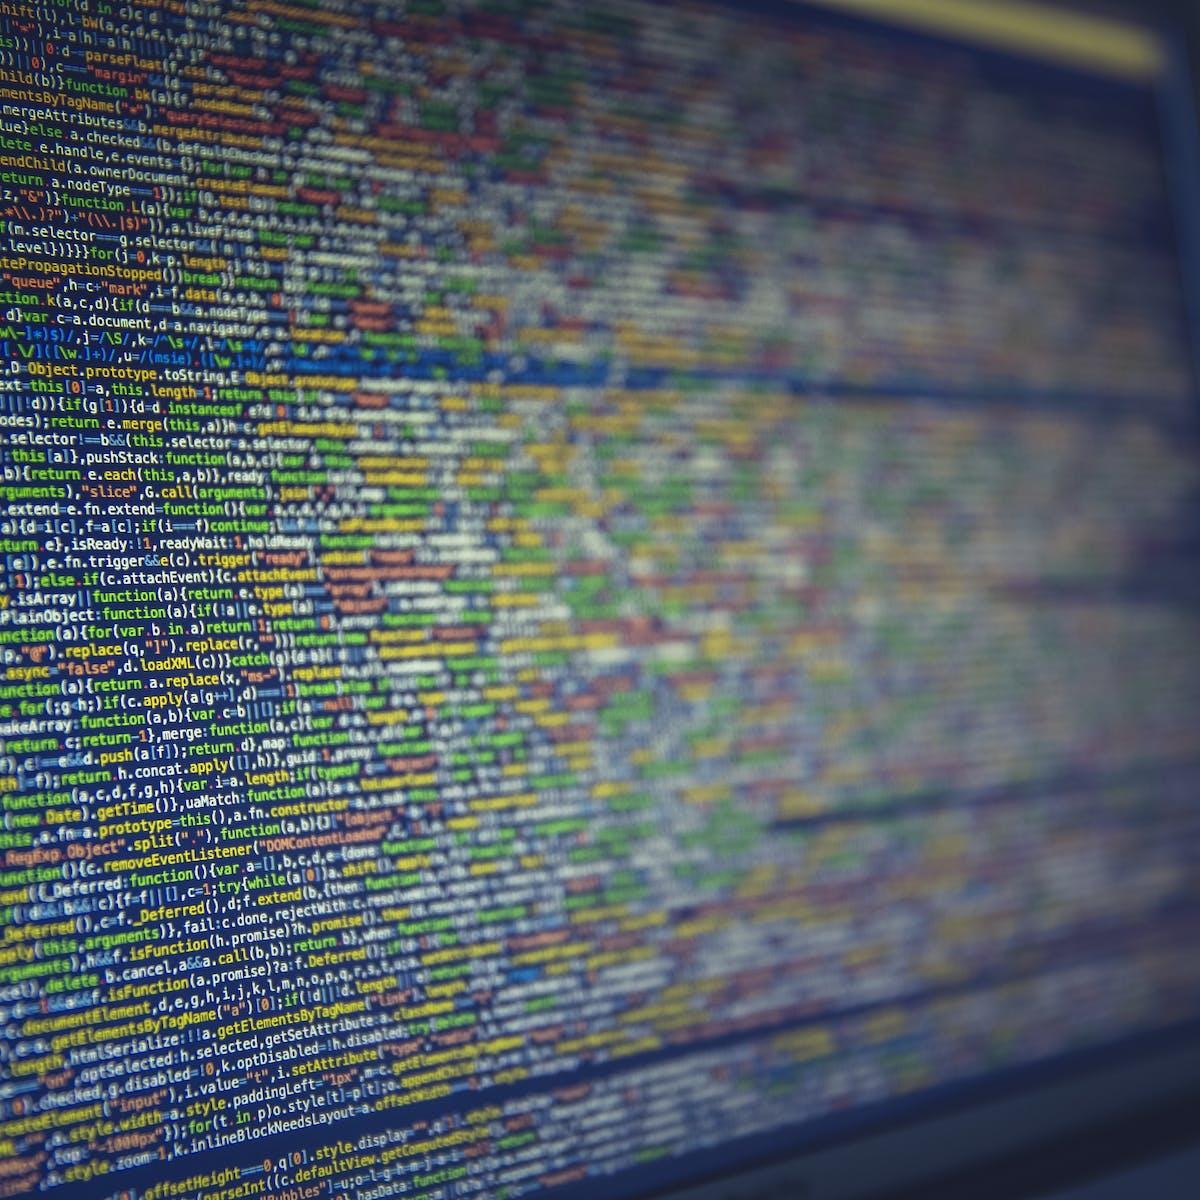 Titelbild-Dark-Data-Big-Data-Daten-Comupter-Programmierung-pixabay-1486361-markusspiske